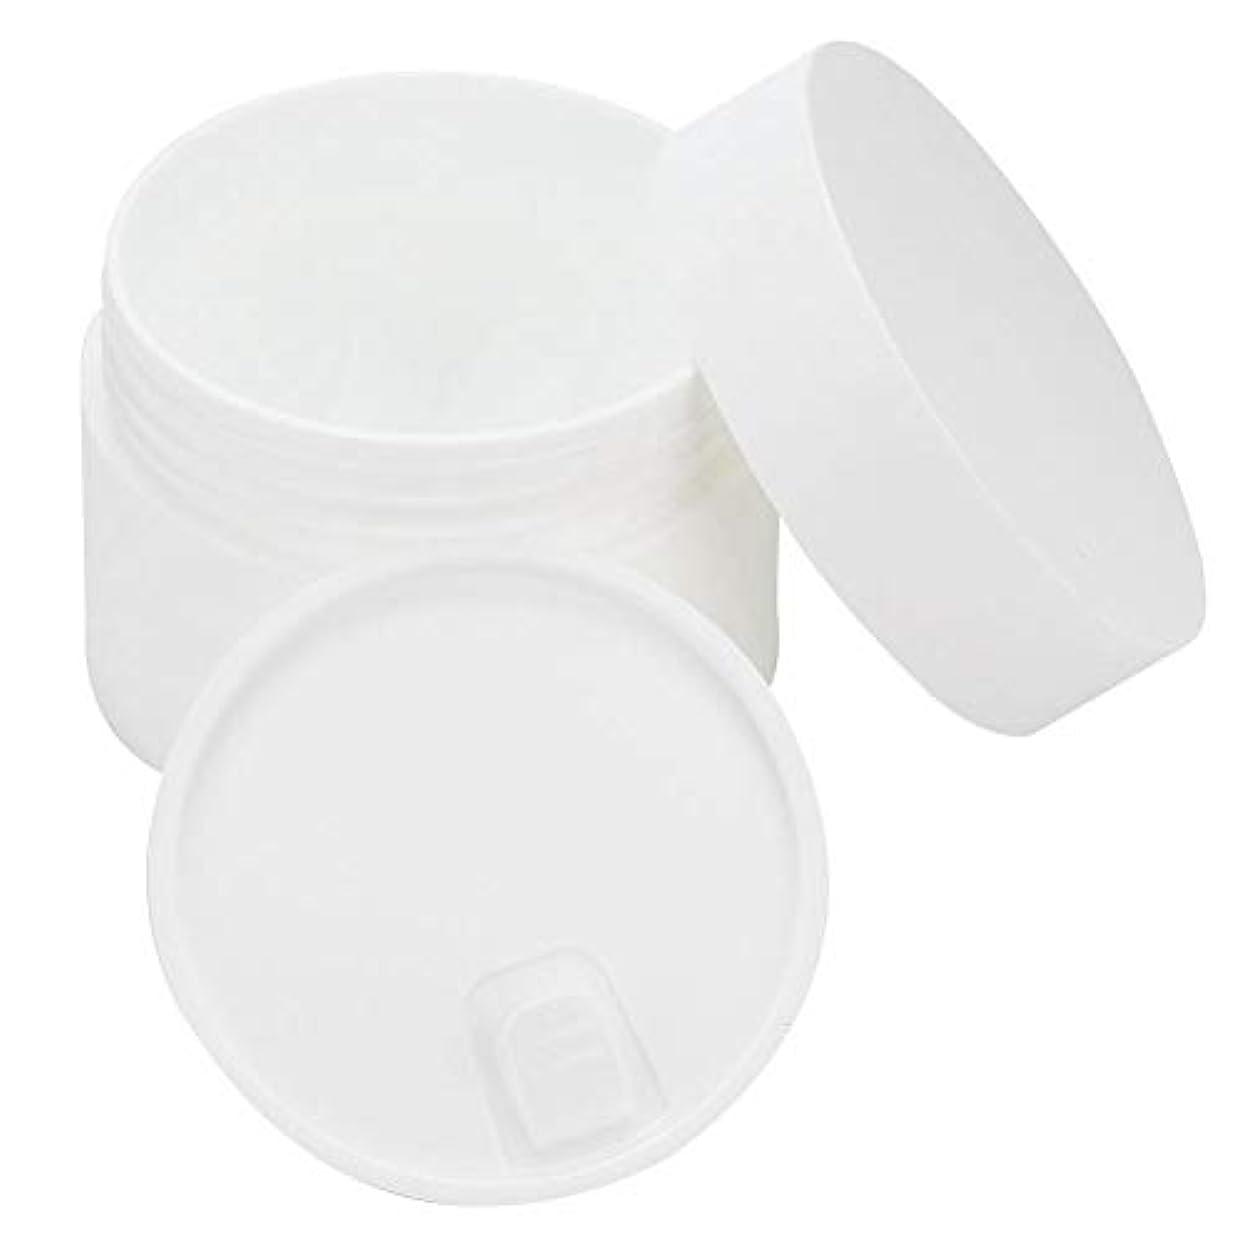 油ひそかに池30g空の旅行フェイシャルクリームボトル充填可能なスキンケア製品容器ボトルDIYマスクボトル